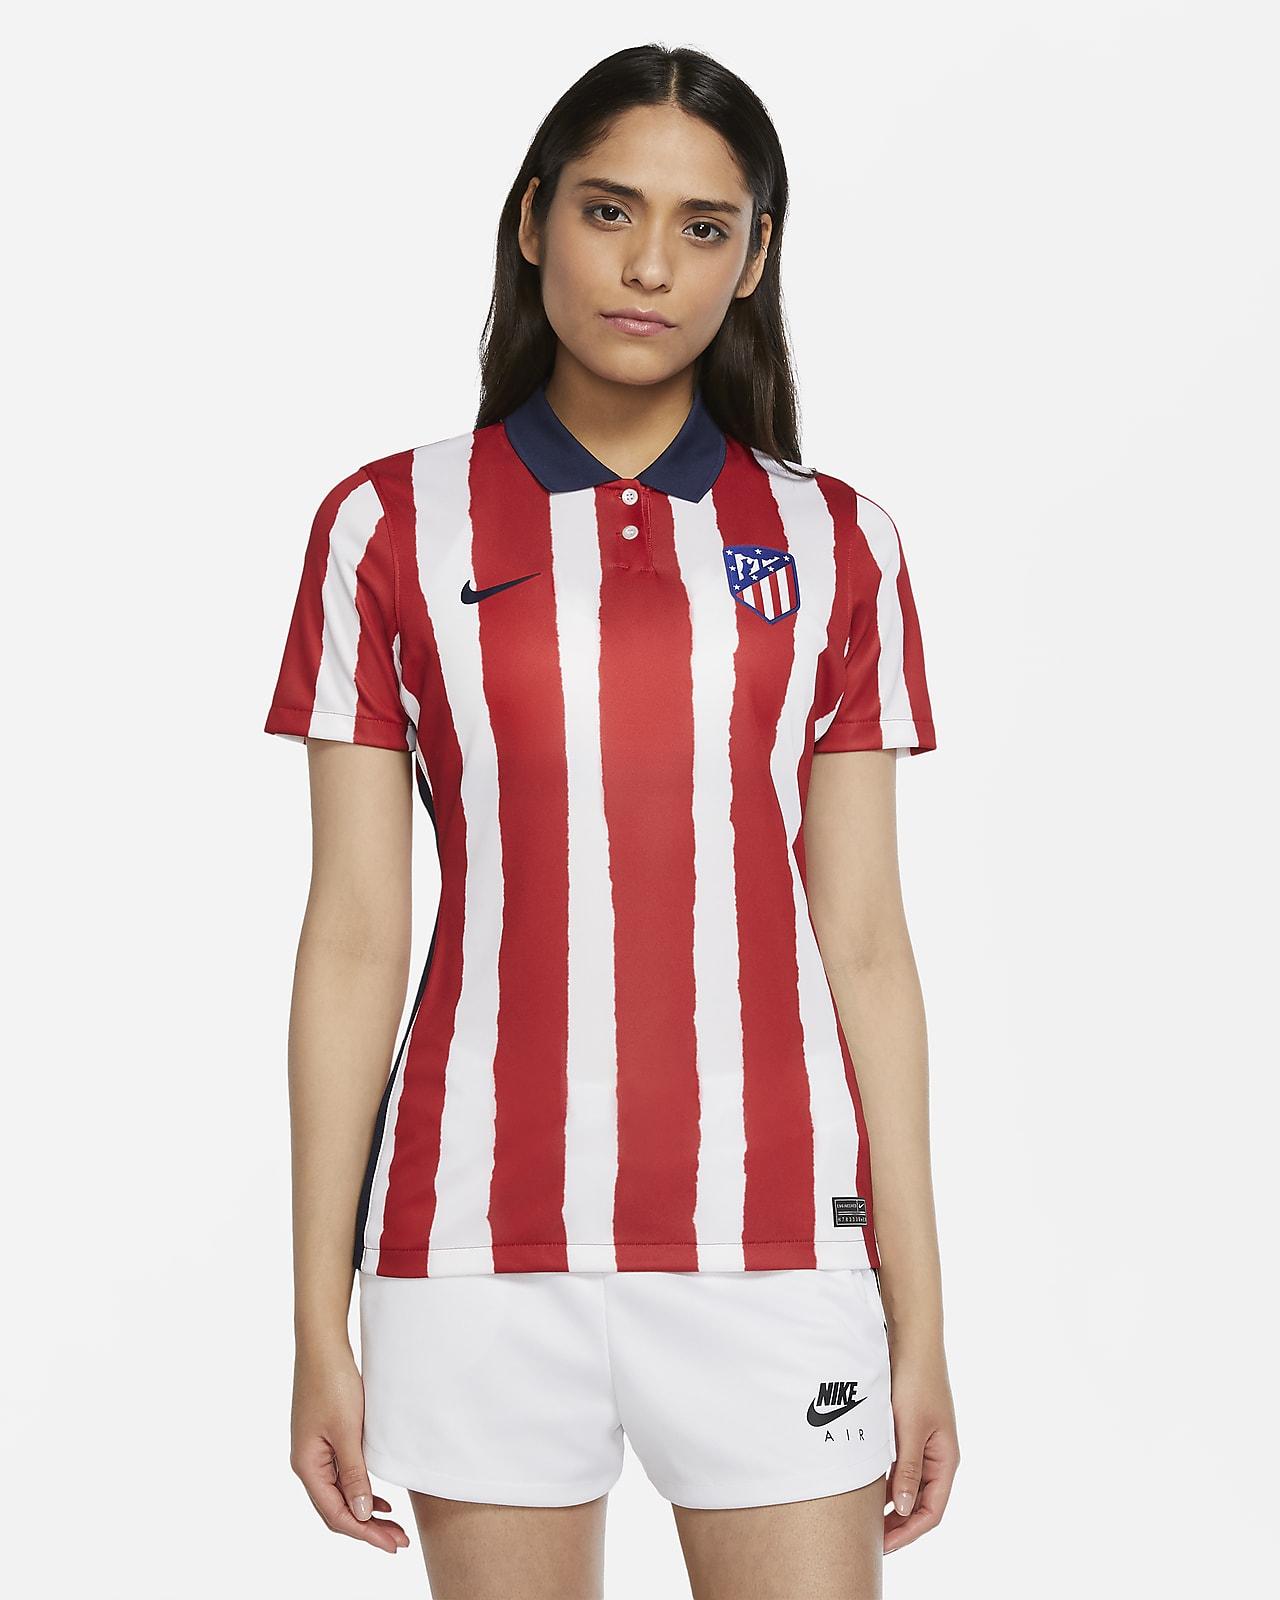 Γυναικεία ποδοσφαιρική φανέλα Ατλέτικο Μαδρίτης 2020/21 Stadium Home